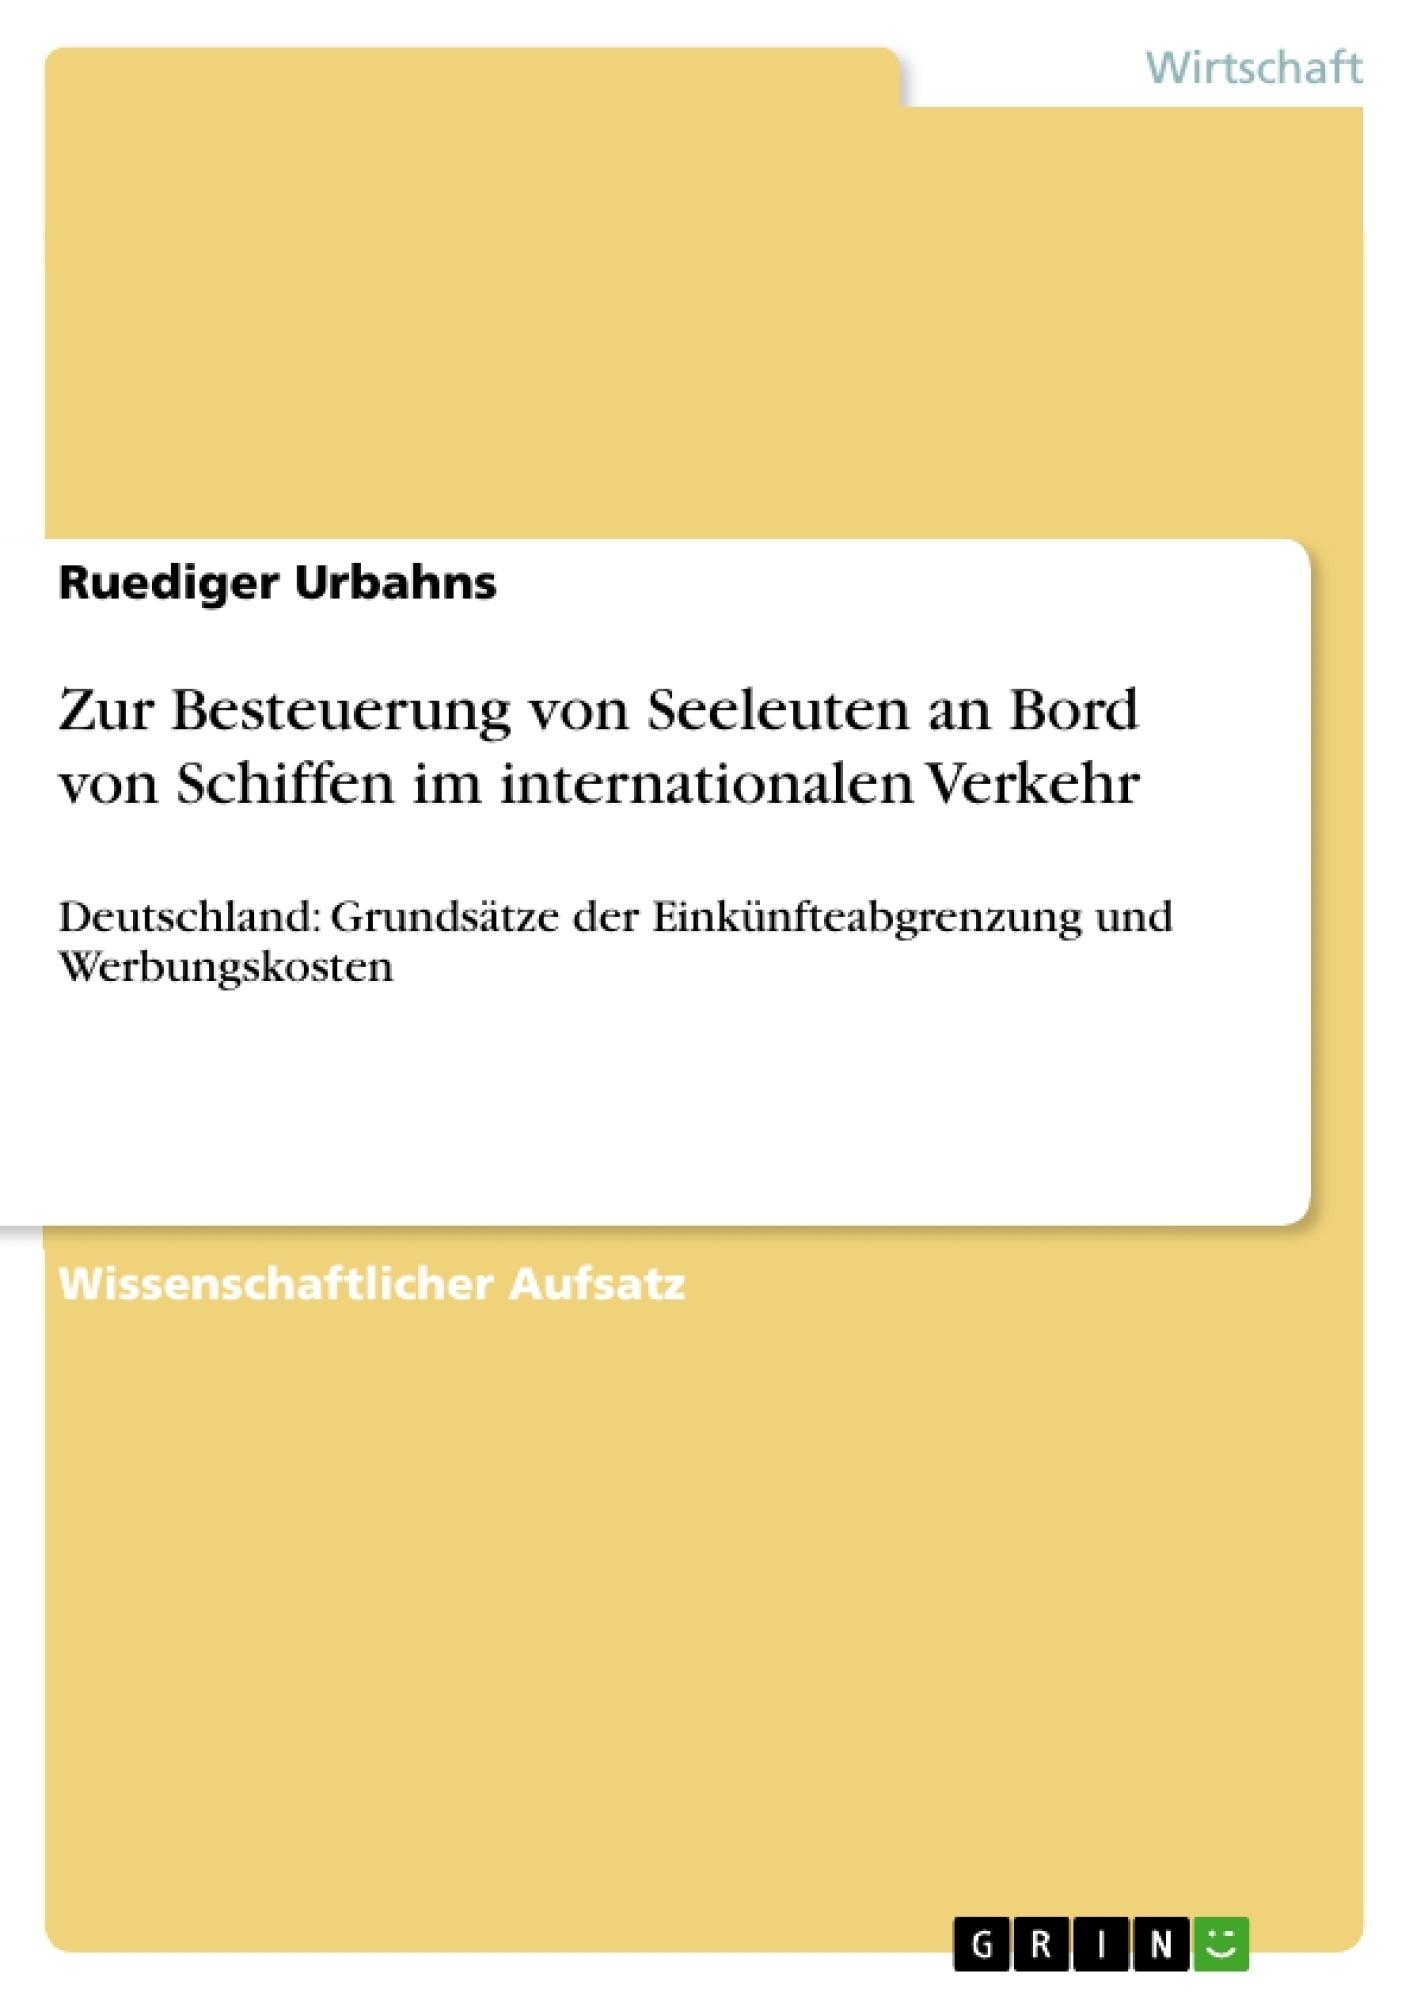 Titel: Zur Besteuerung von Seeleuten an Bord von Schiffen im internationalen Verkehr